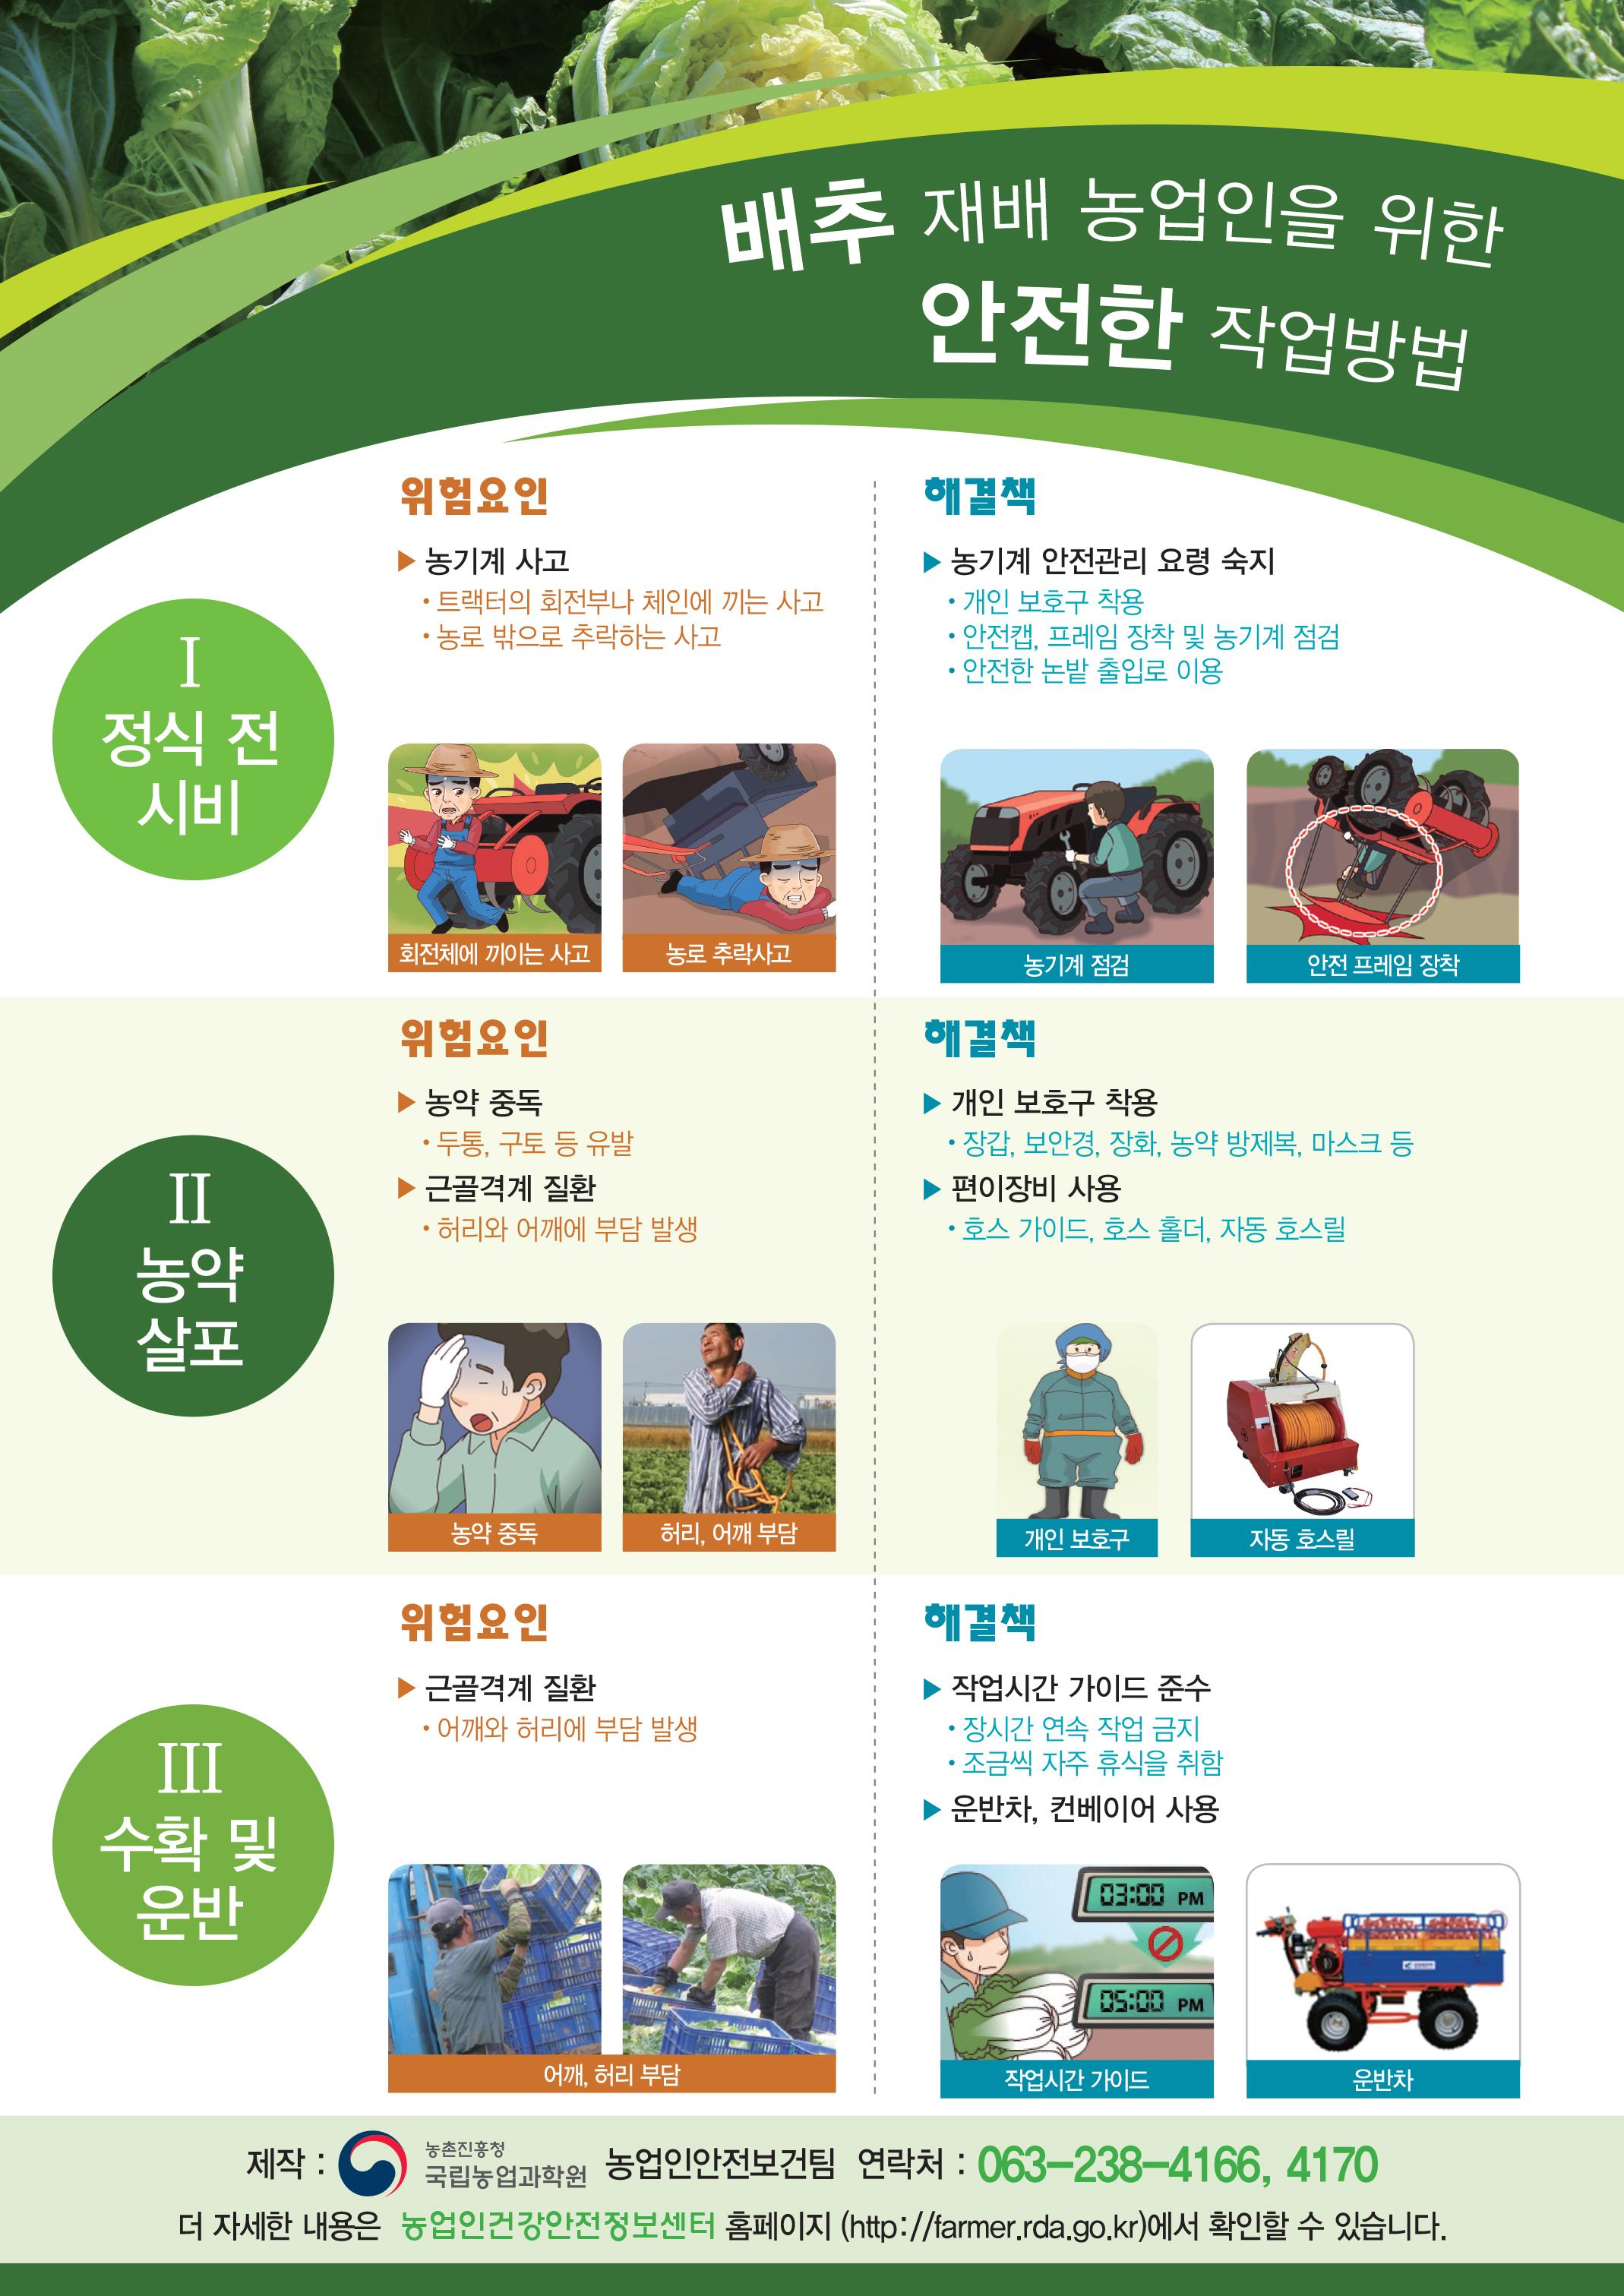 배추 재배 농업인을 위한 안전한 작업방법 포스터입니다.